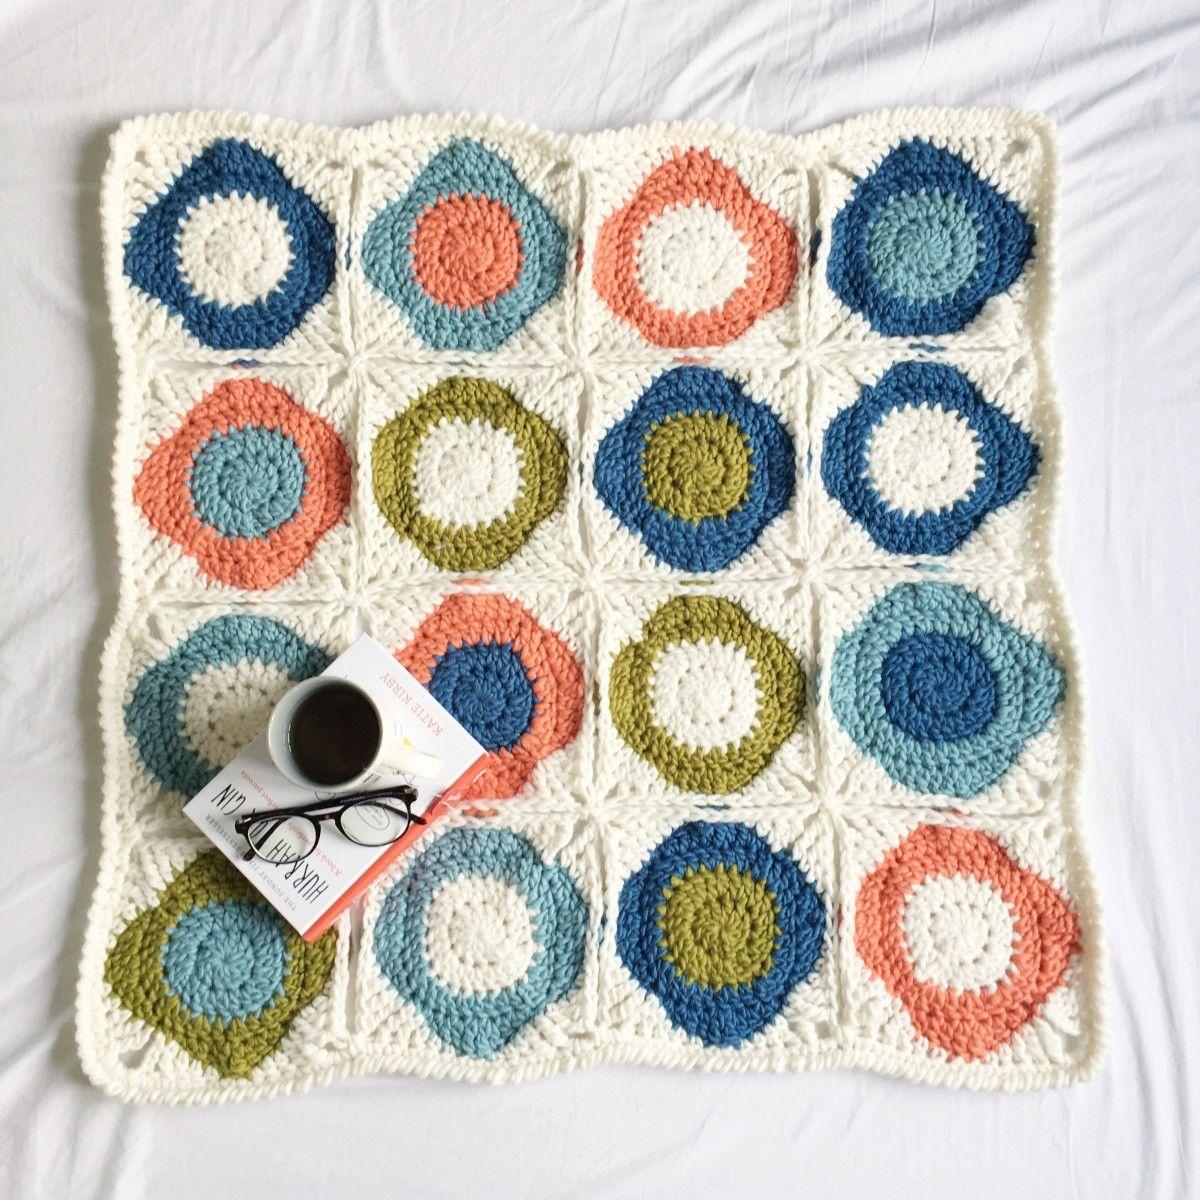 How To Make An Atomic Flower Blanket | Pinterest